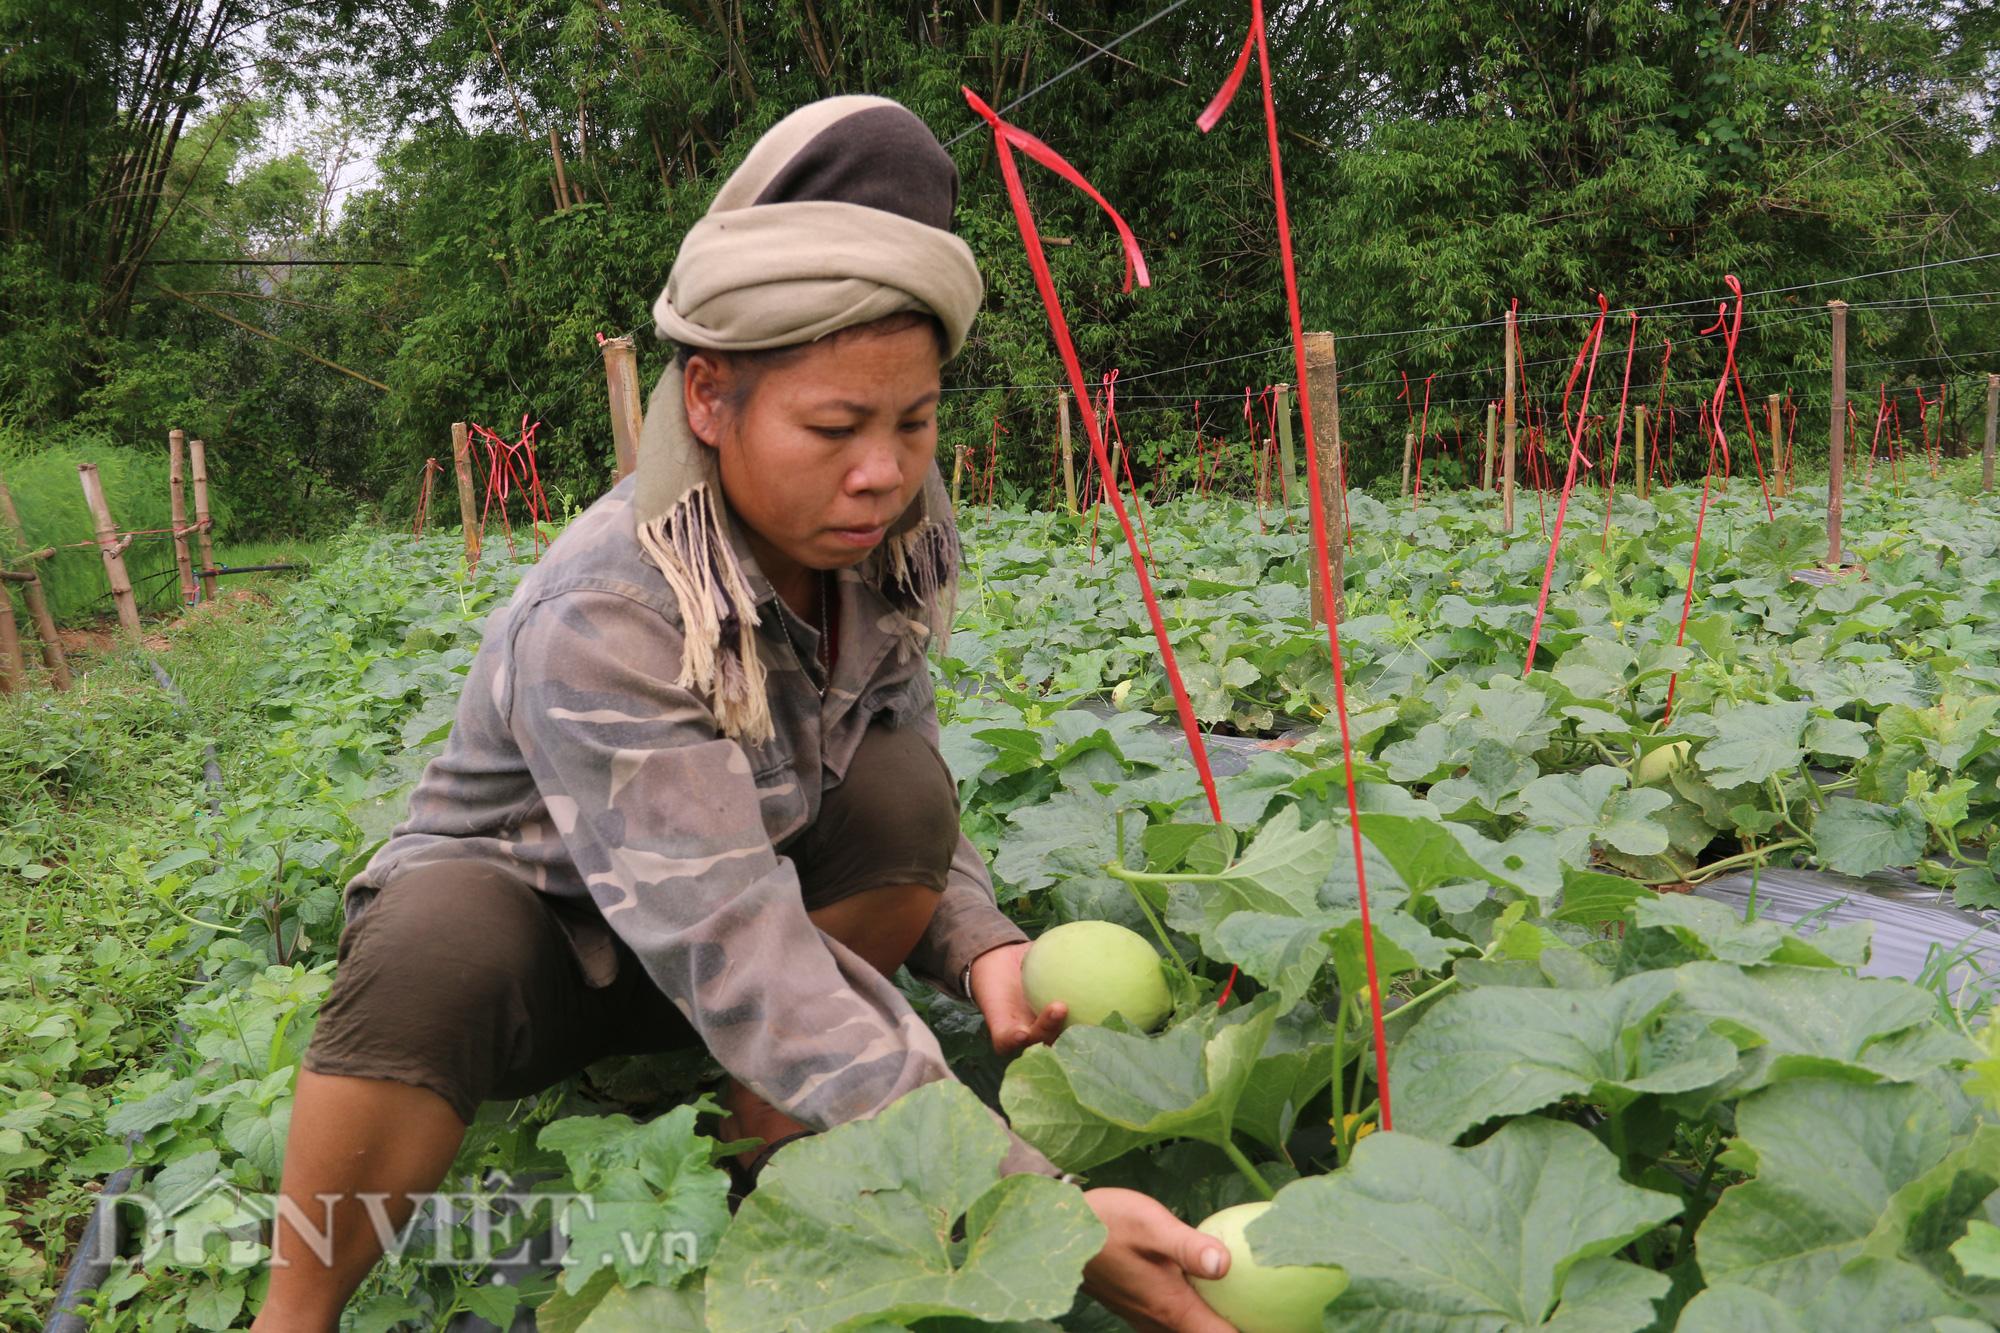 Trồng dưa lê siêu ngọt, nông dân kiếm tiền dễ ợt - Ảnh 4.